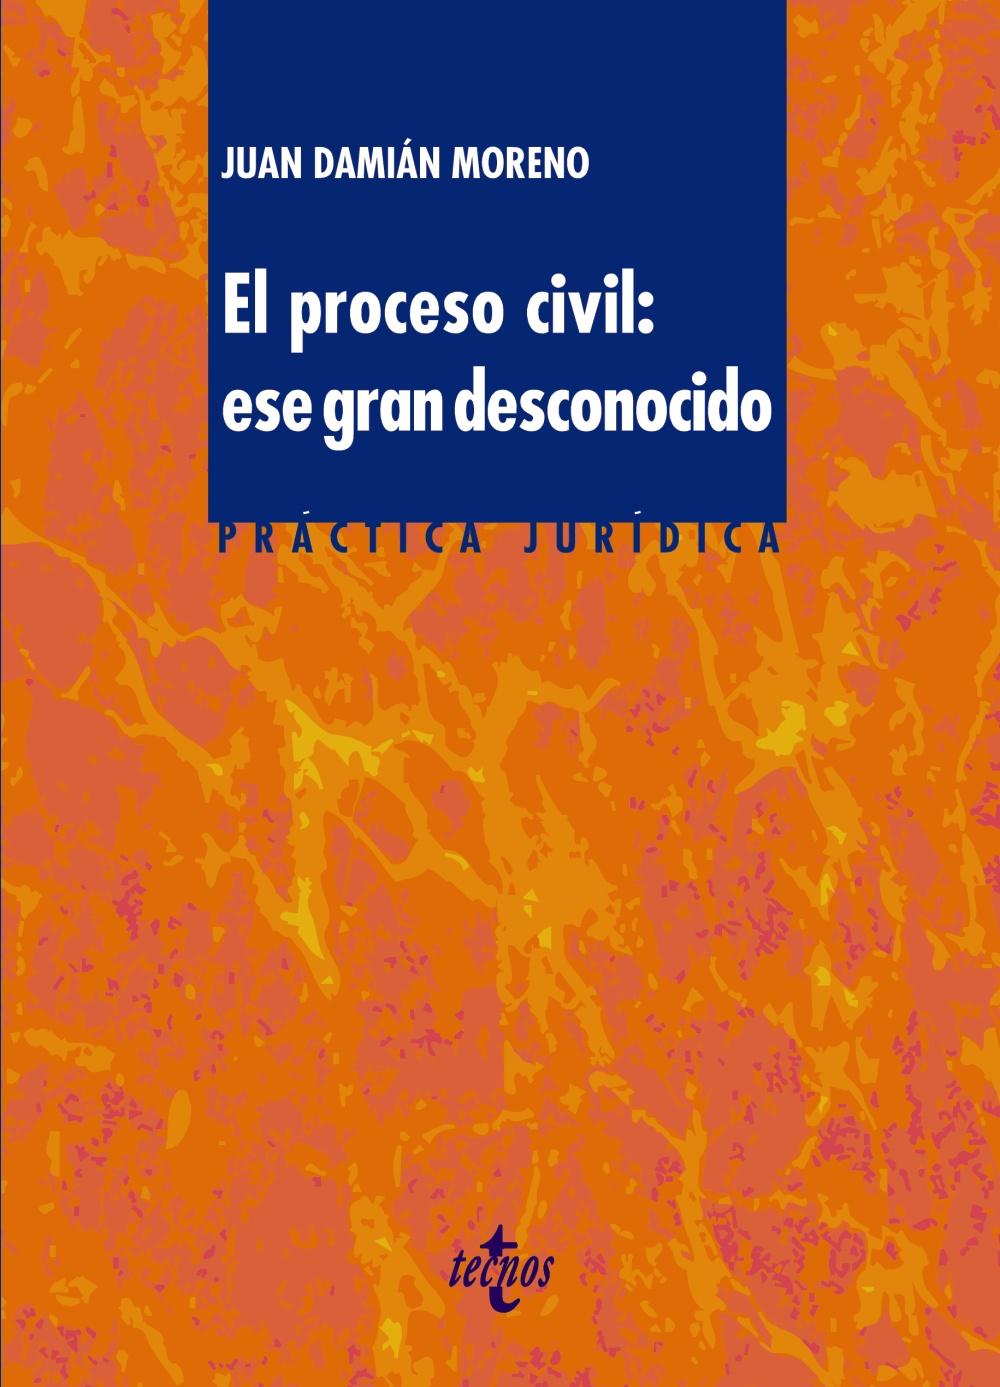 El proceso civil: ese gran desconocido